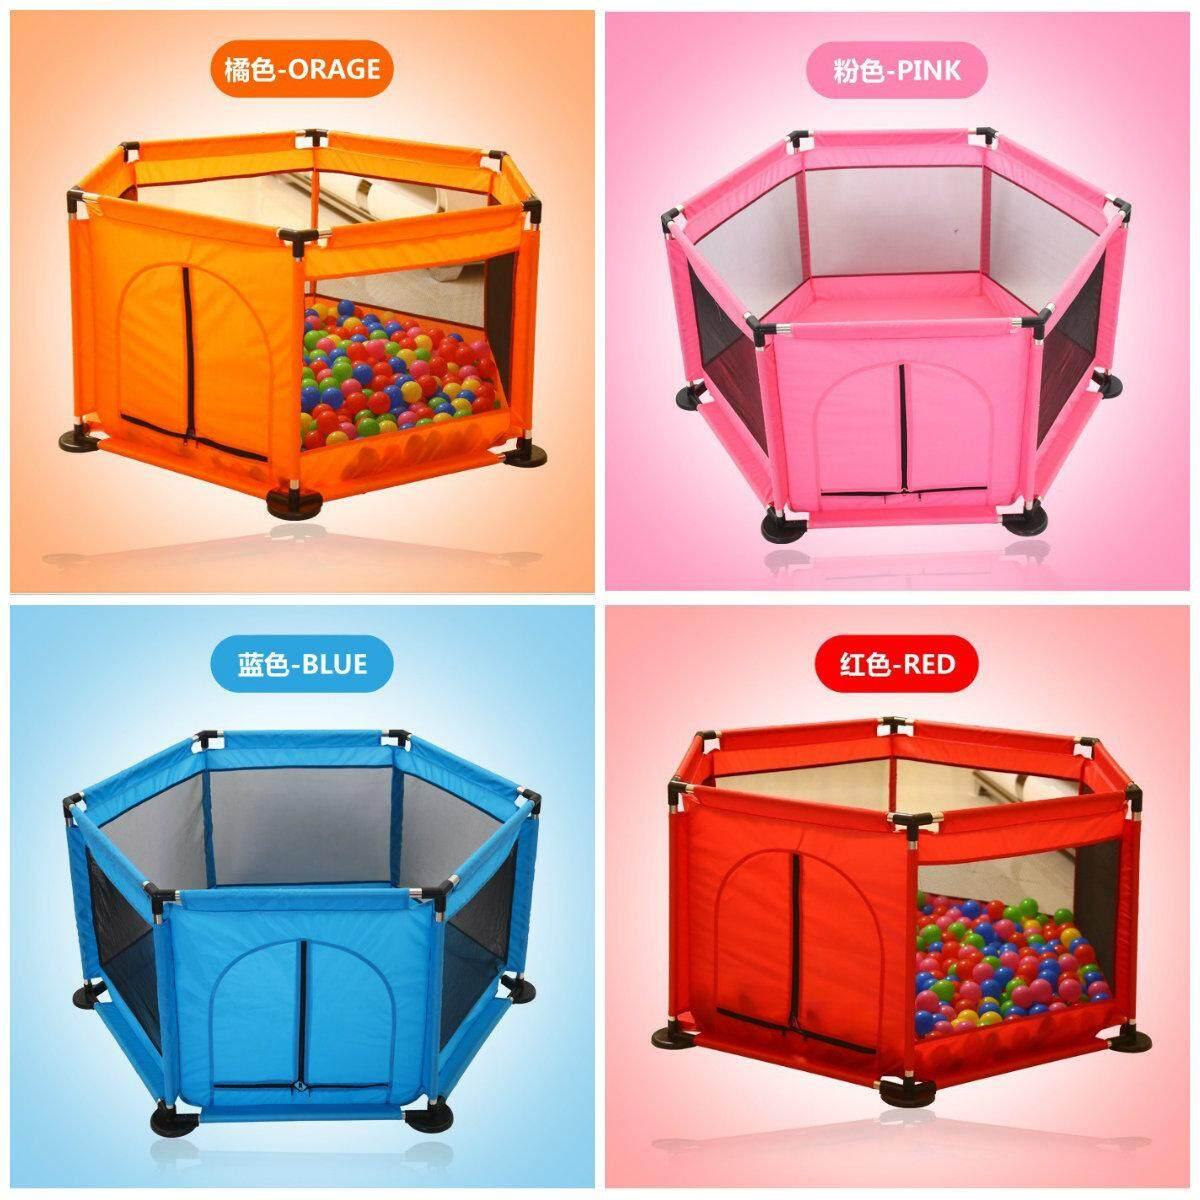 ซื้อที่ไหน คอกกั้นเด็ก บ่อบอล PLAYPEN 6 เหลี่ยม 6 ด้าน (HEXAGON BABYS PLAYPEN) ราคา ของแท้